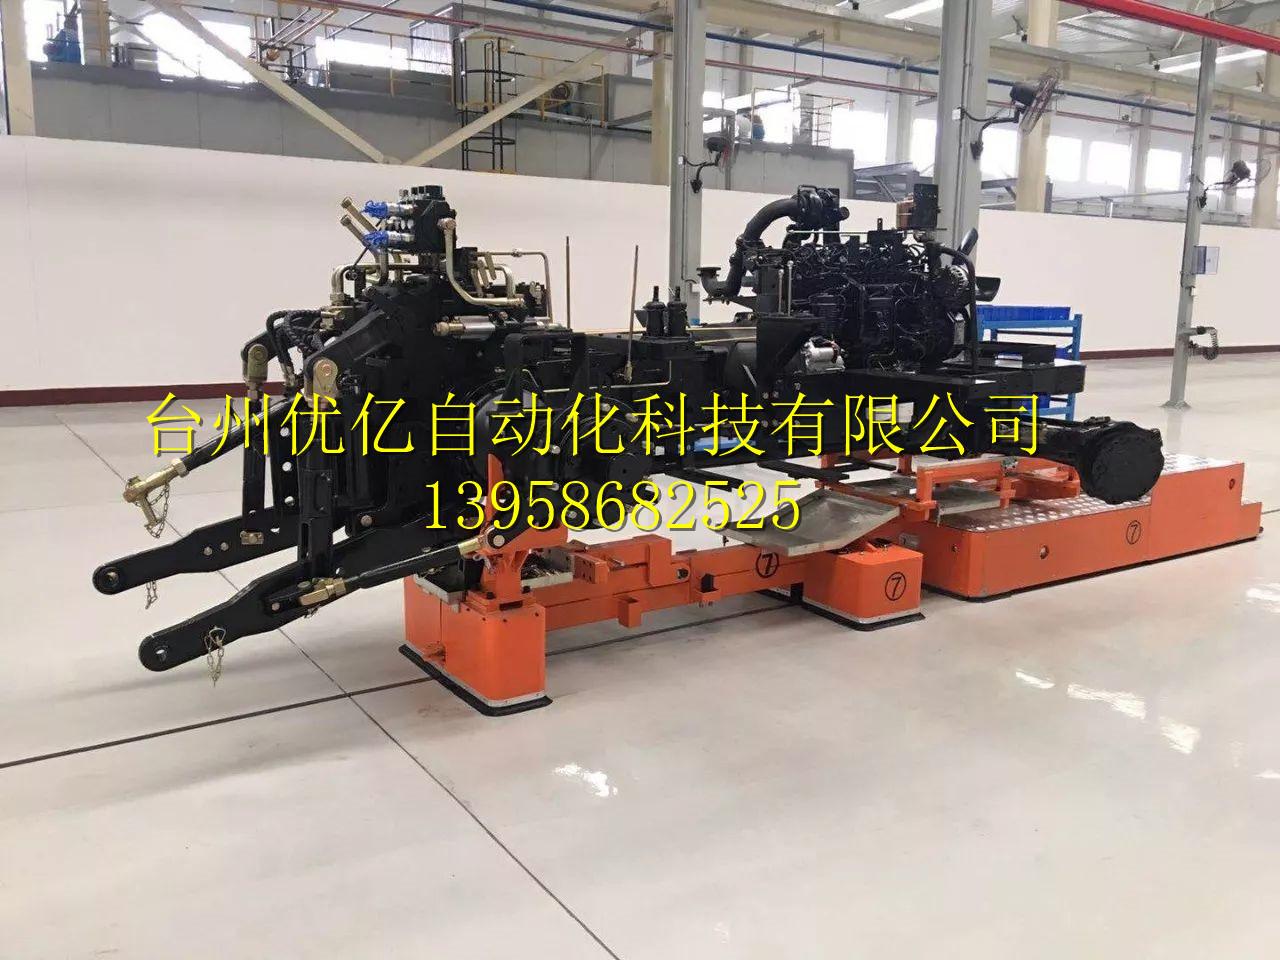 拖拉机AGV装配线-拖拉机整机总装配线-AGV-1